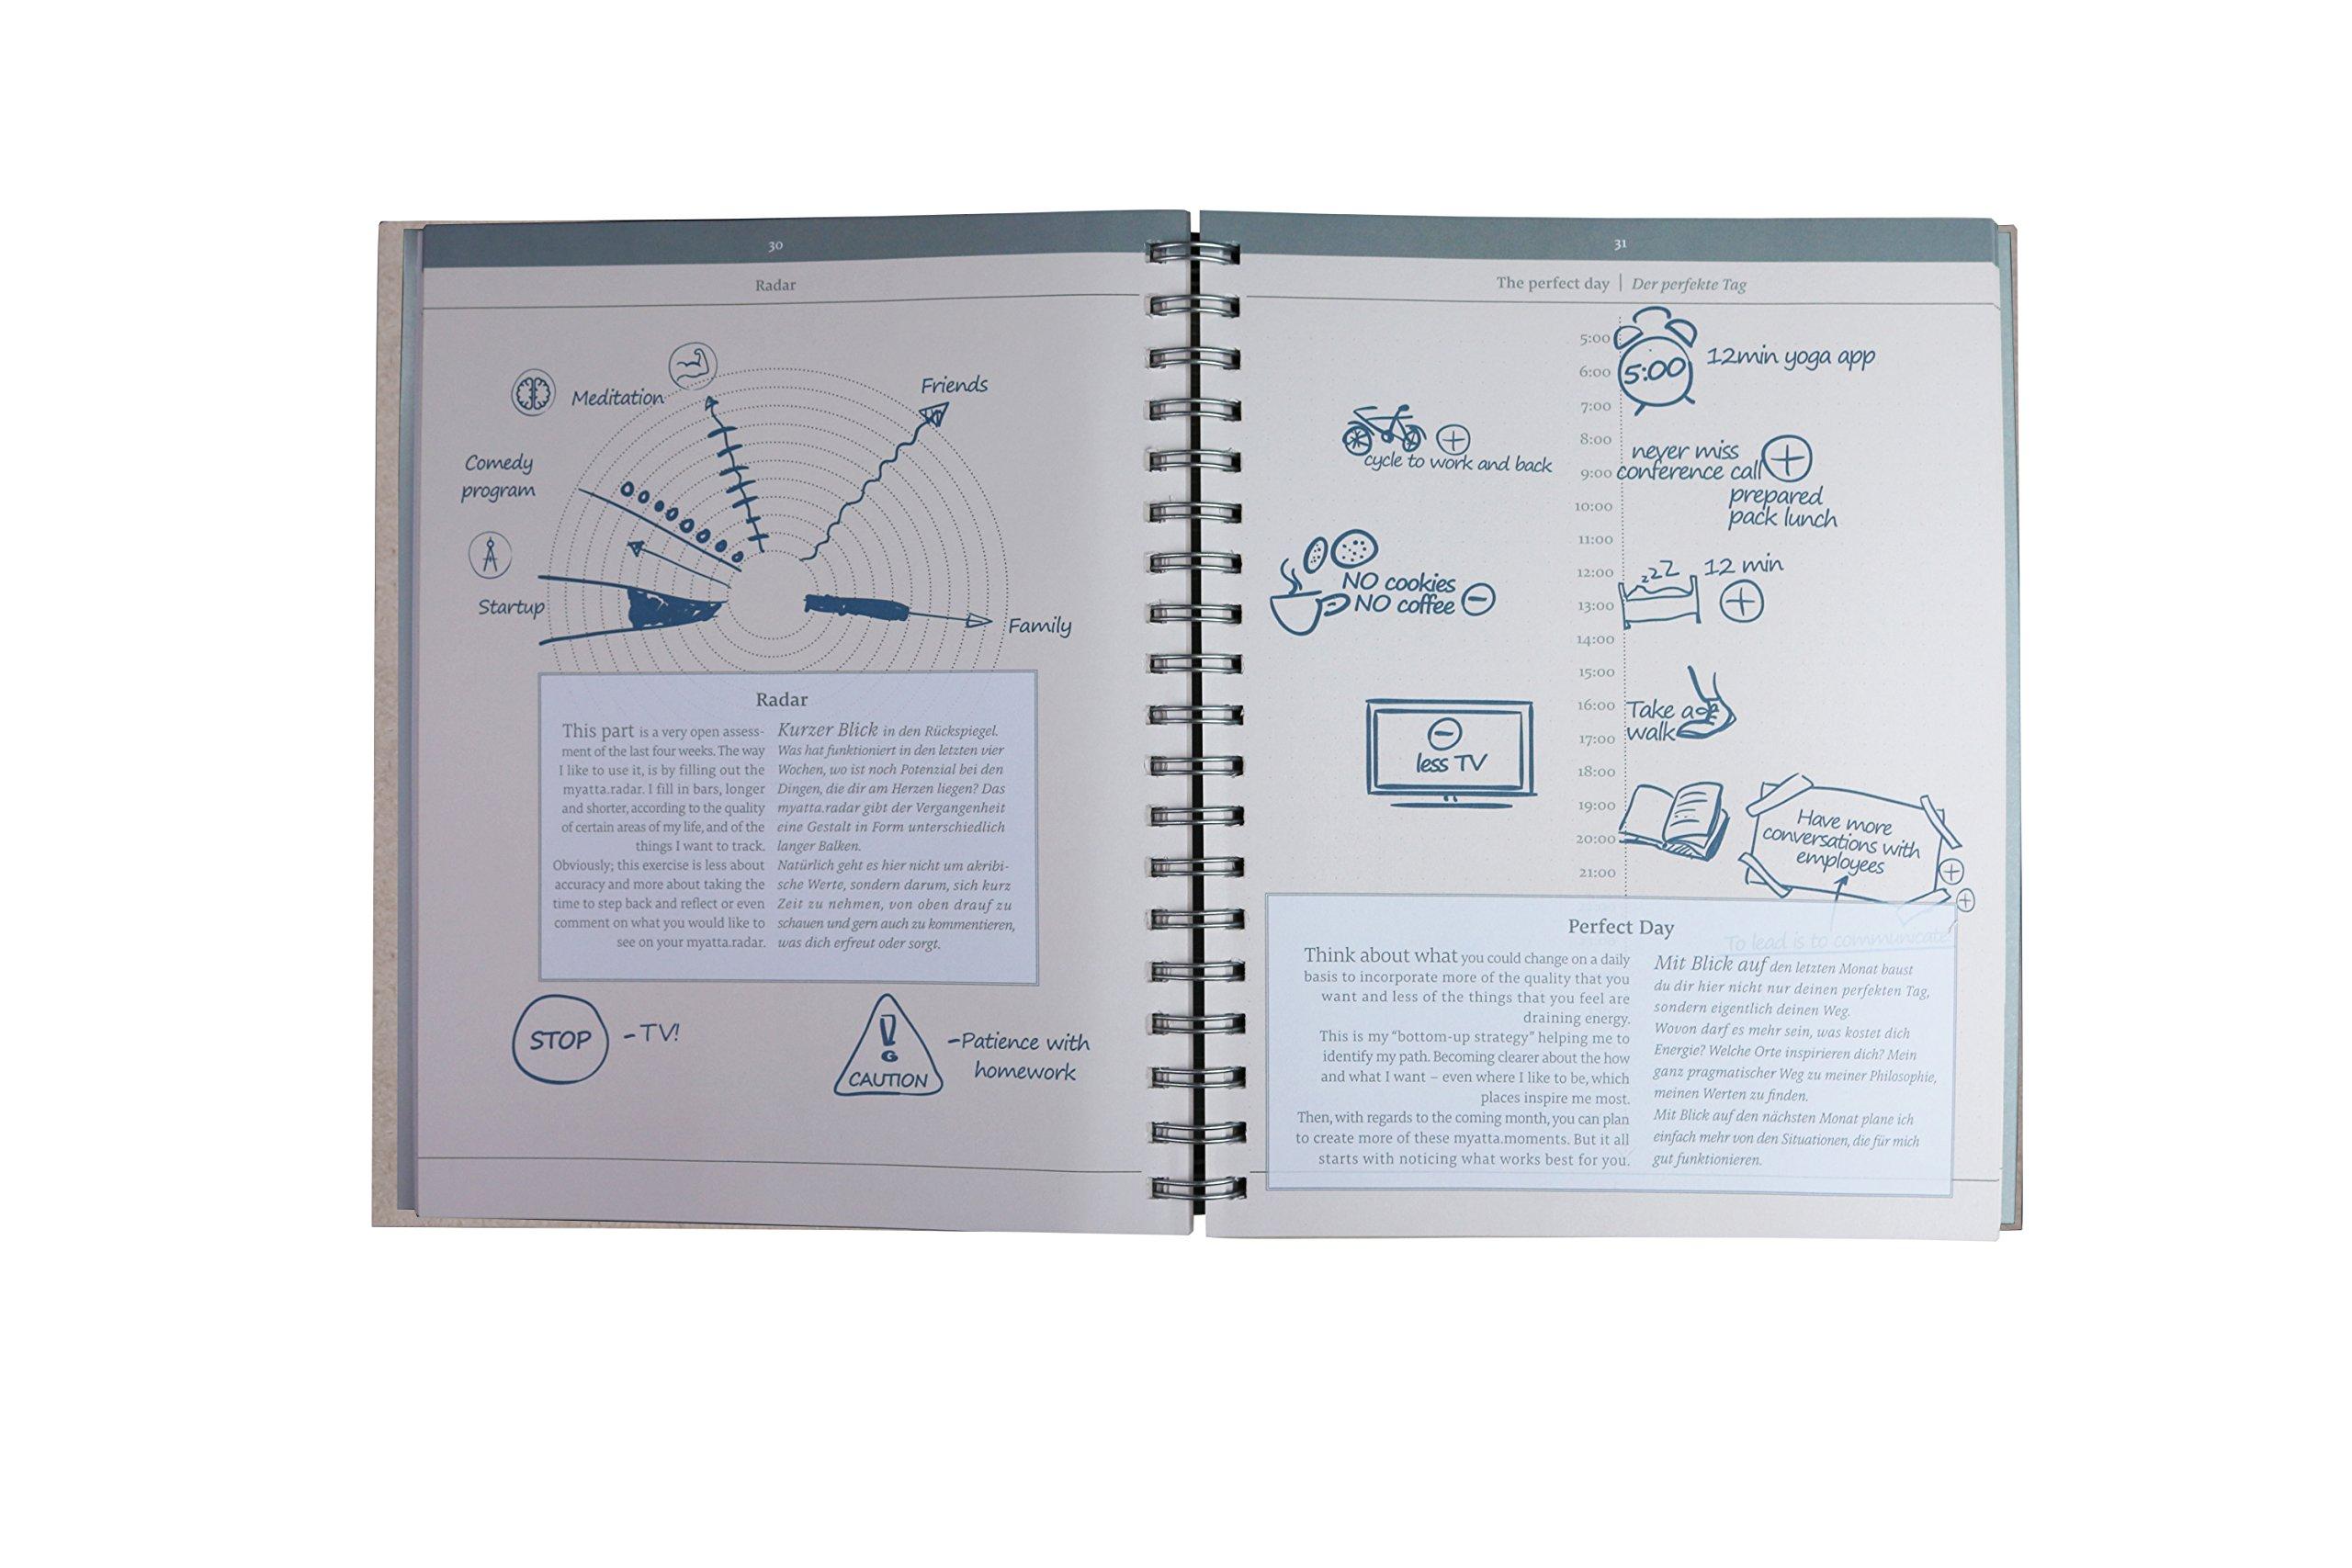 Kühlschrank Wochenplaner : Myattanotes journal i organizer i wochenplaner i alltagshelfer i